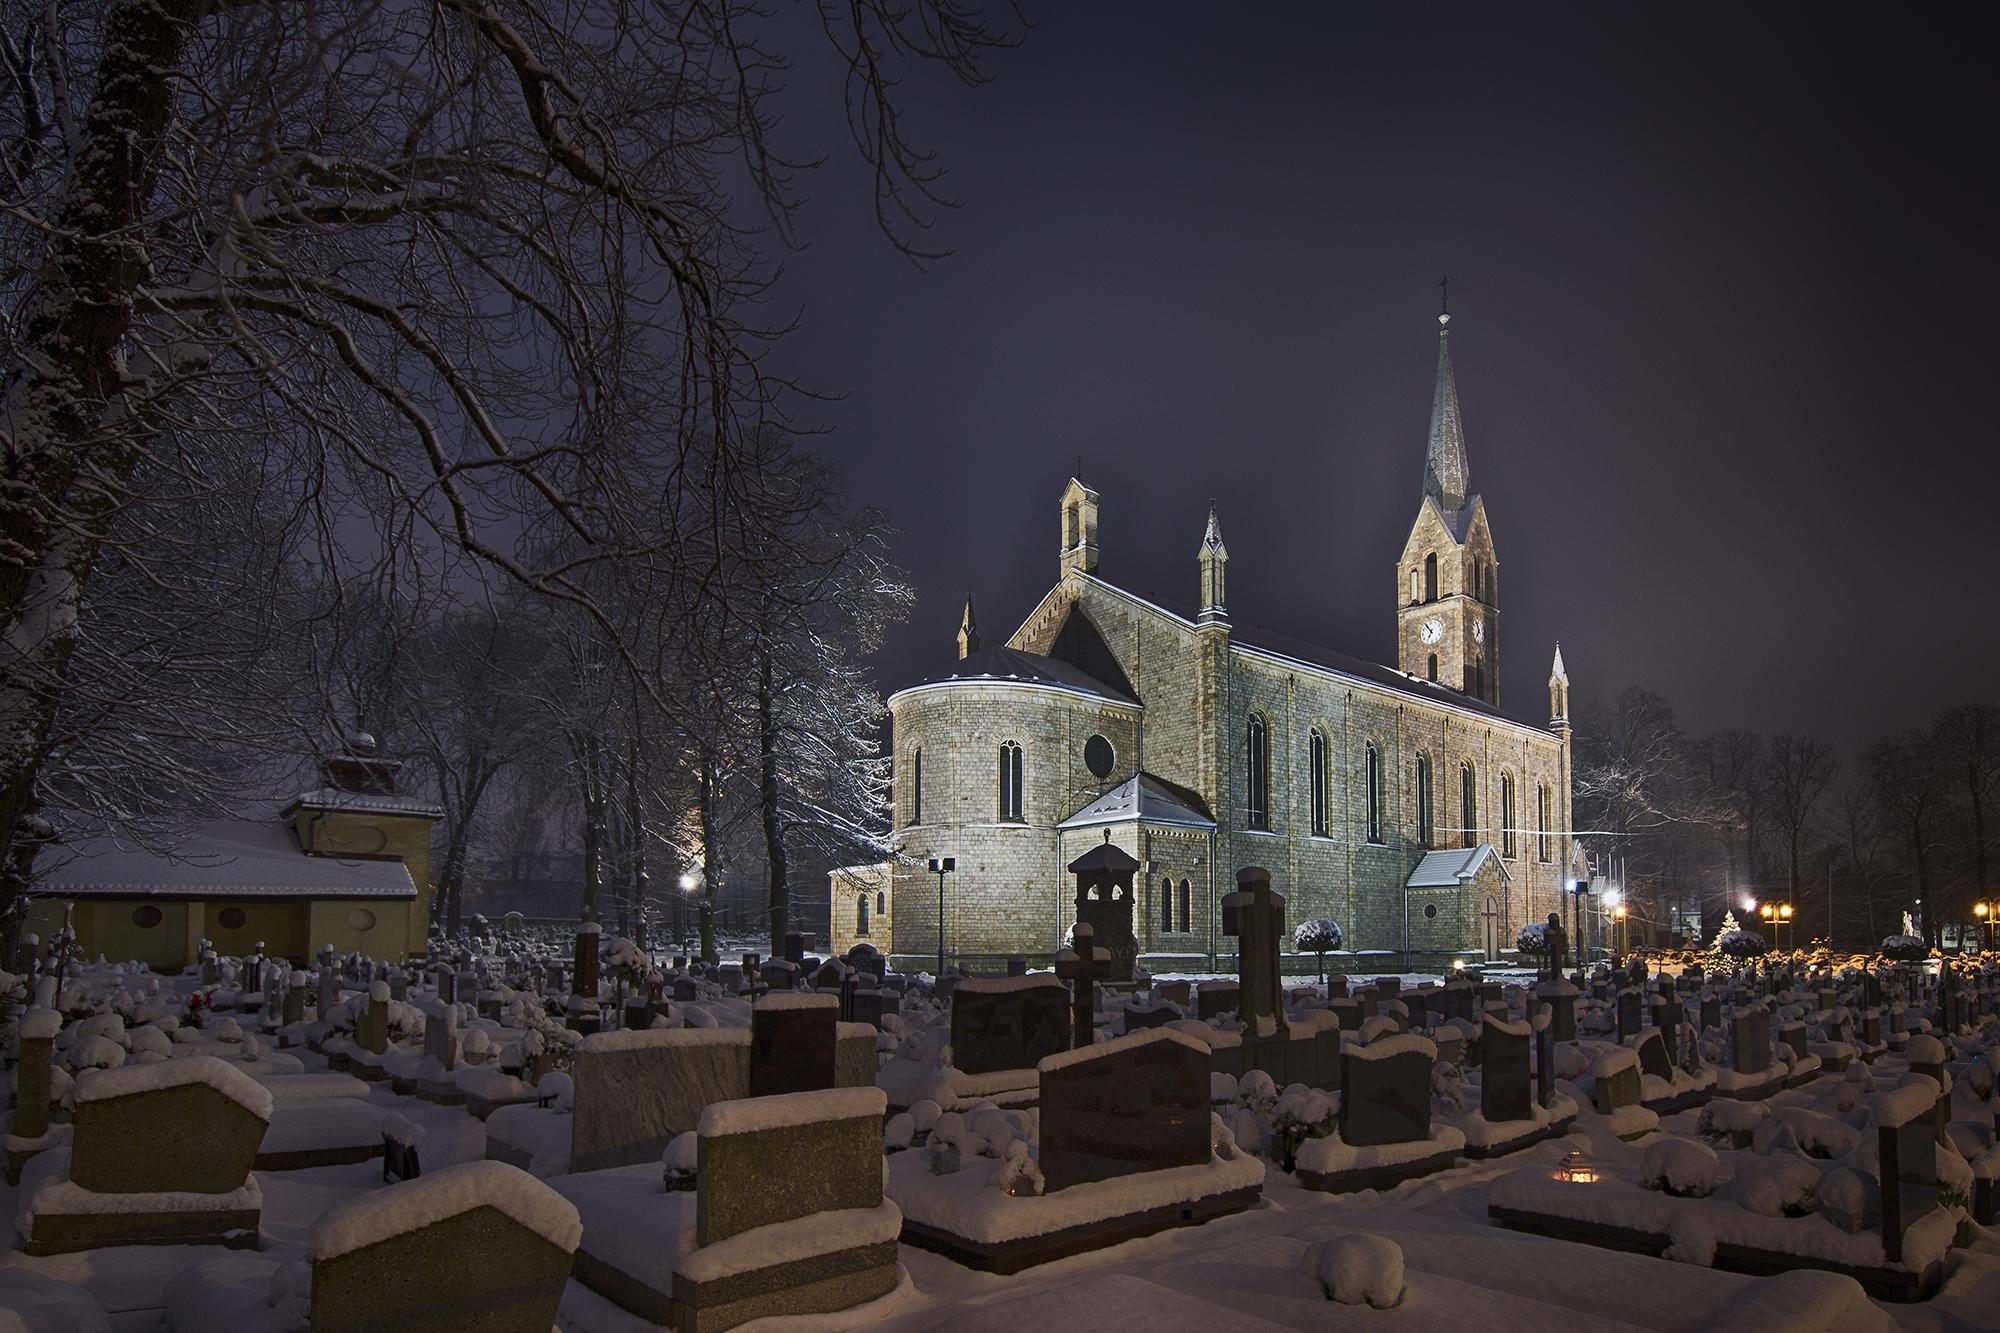 Kościół w zimowej szacie